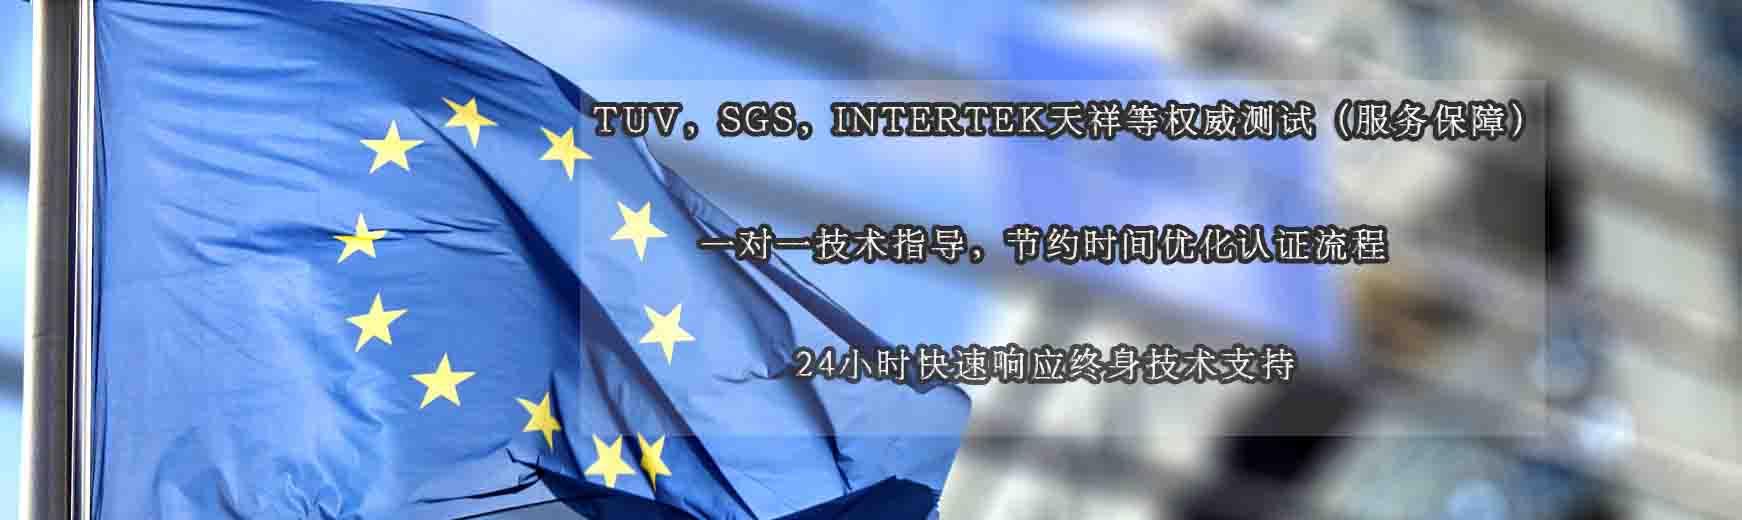 欧盟CE认证服务